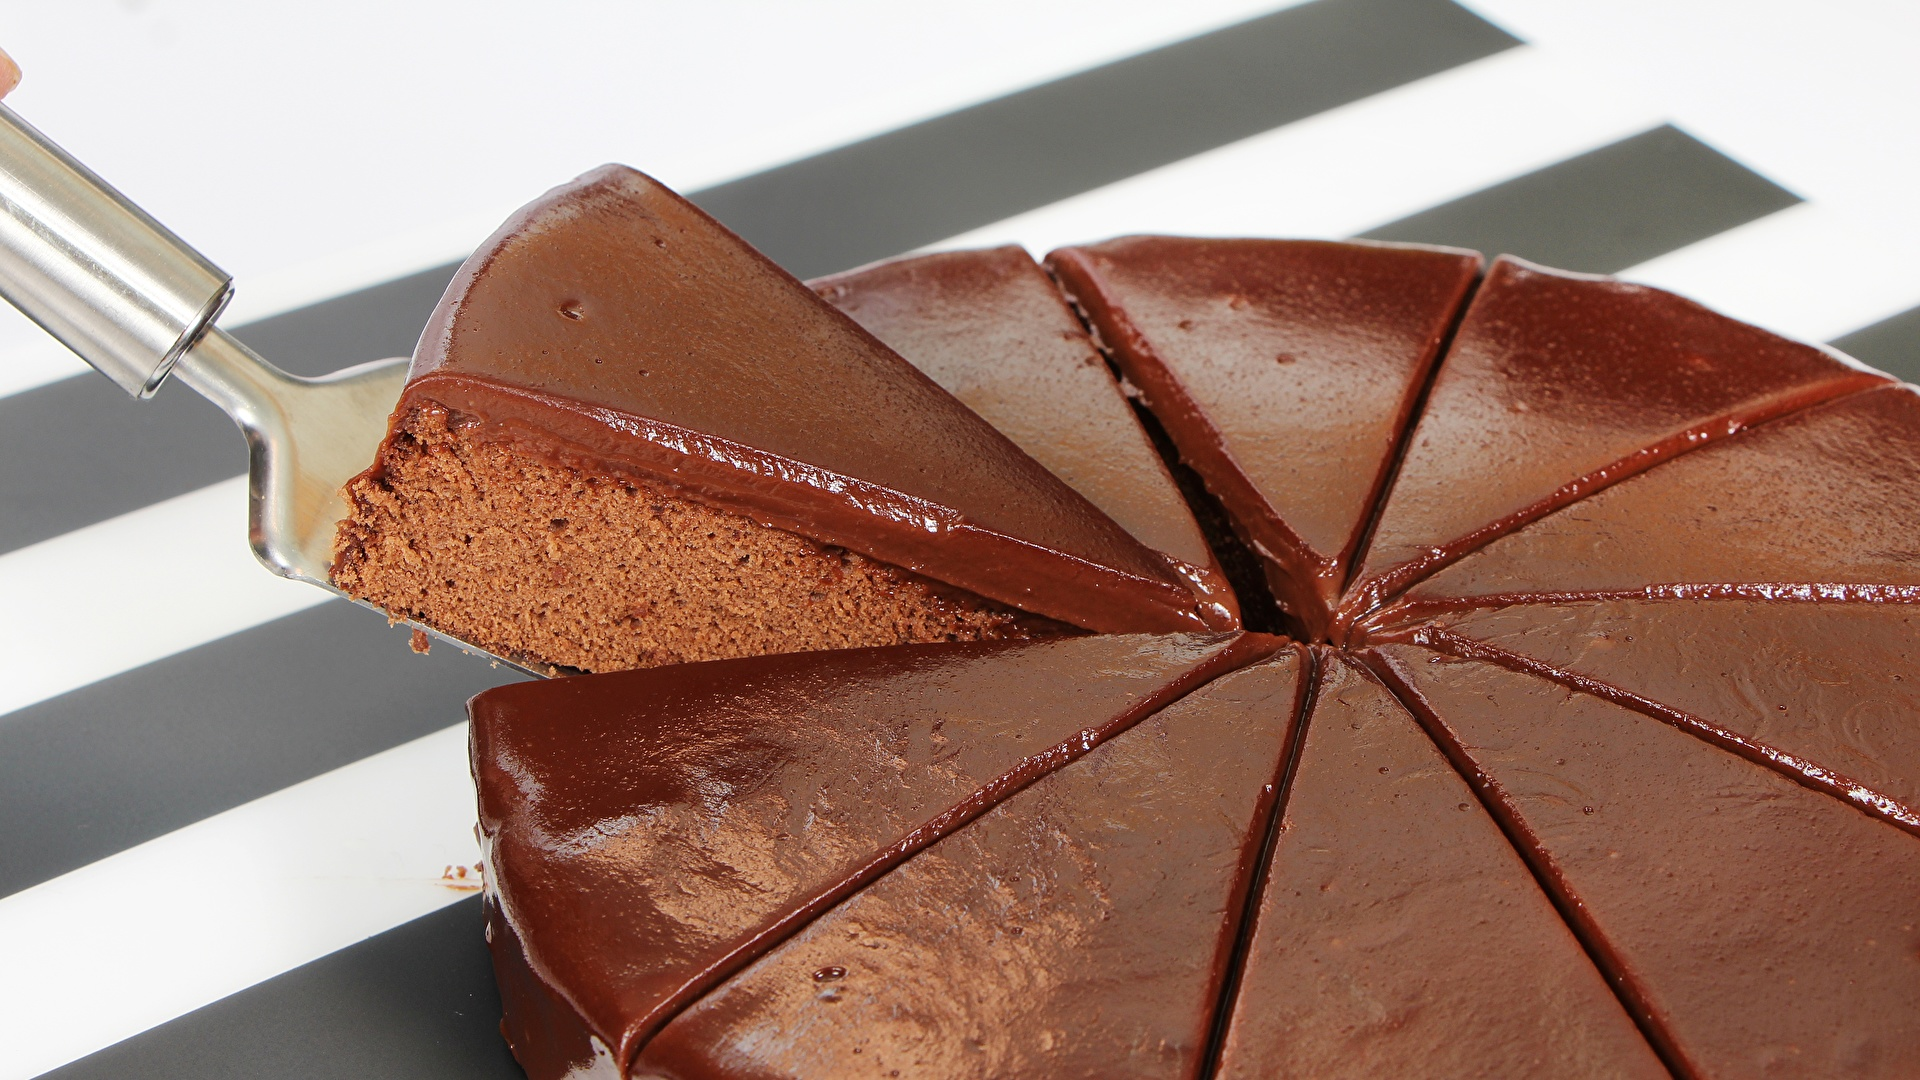 Фотографии Шоколад Торты часть Еда 1920x1080 Кусок кусочки кусочек Пища Продукты питания